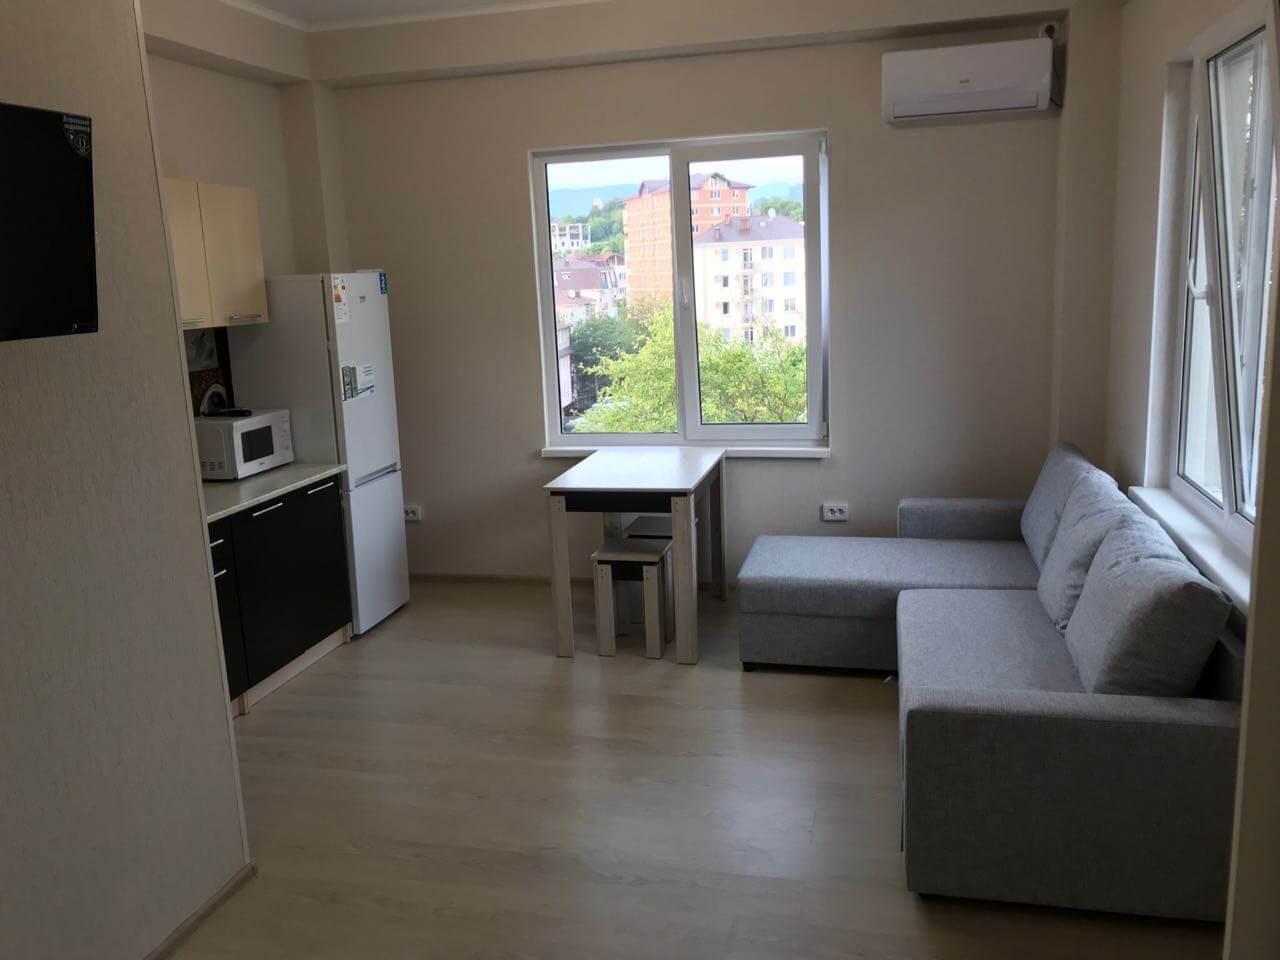 Продажа квартиры-студии в ЖК Озеро 2 (25,9 м²)